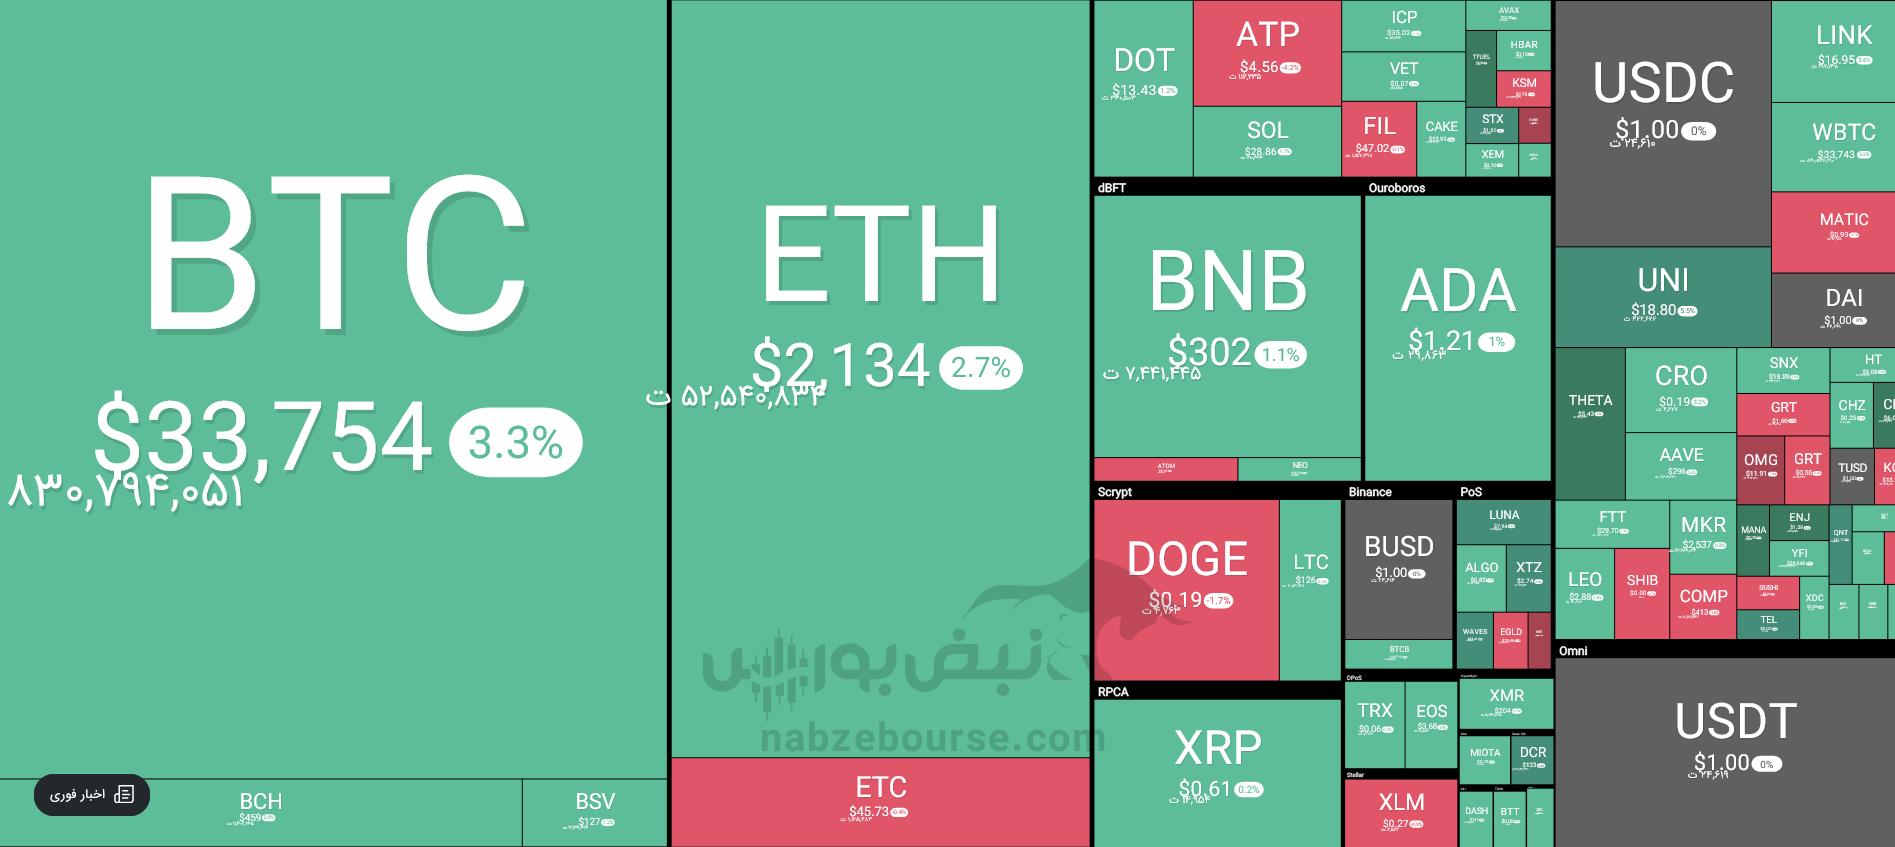 قیمت ده ارز دیجیتال برتر ۲ مردادماه ۱۴۰۰ |رشد دوباره بیت کوین در معاملات امروز